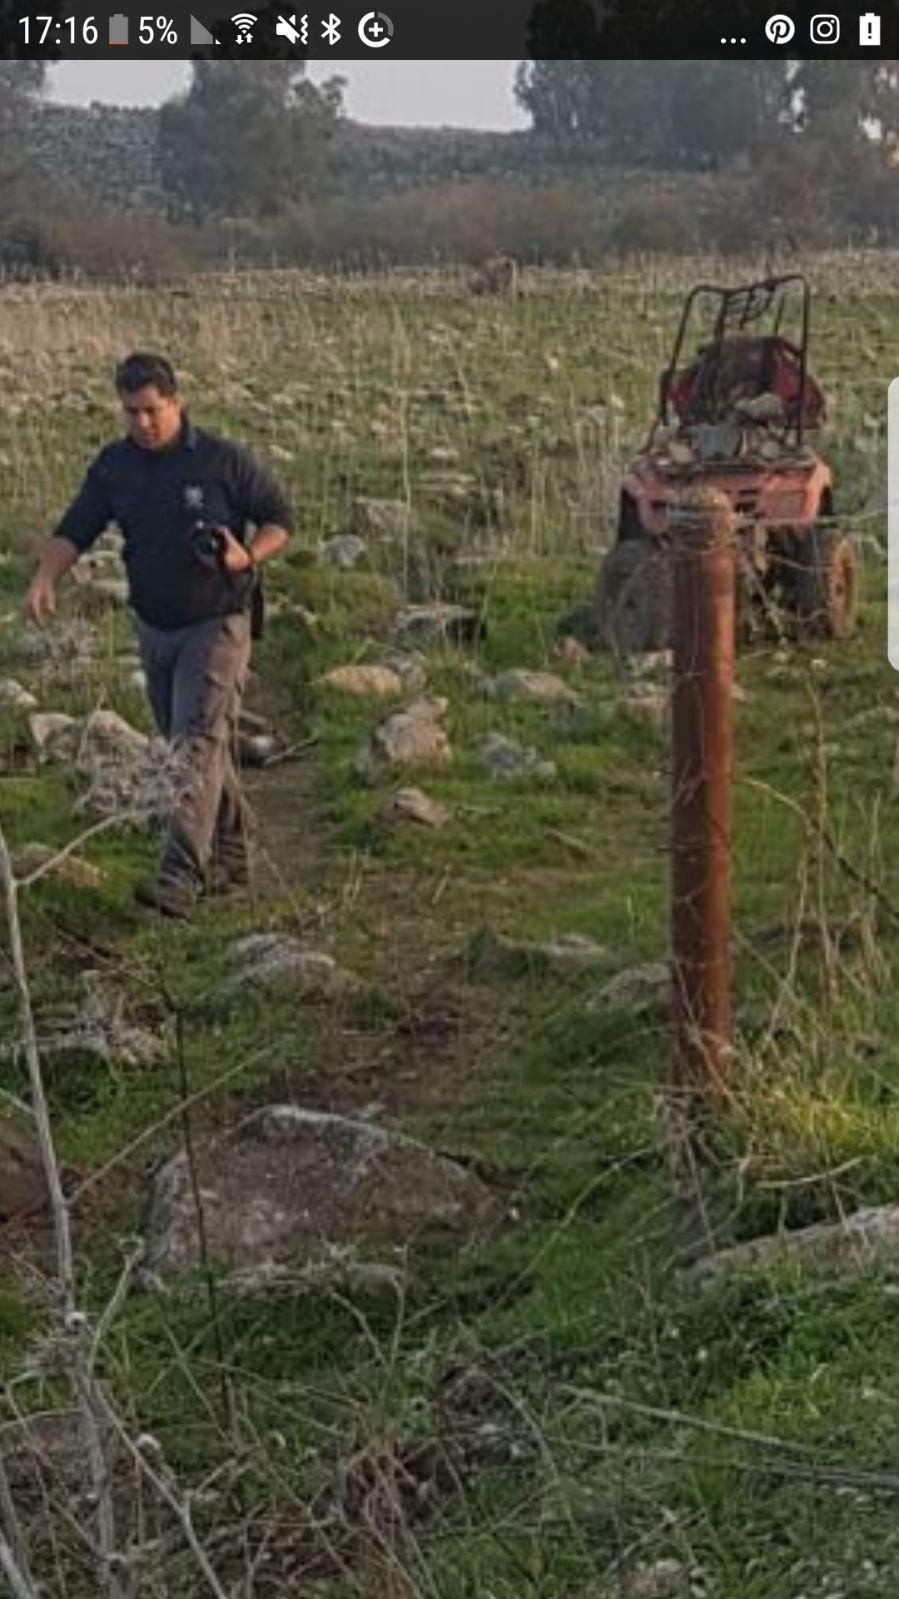 طوبا الزنغرية: مصرع فتى في حادث انقلاب دباب